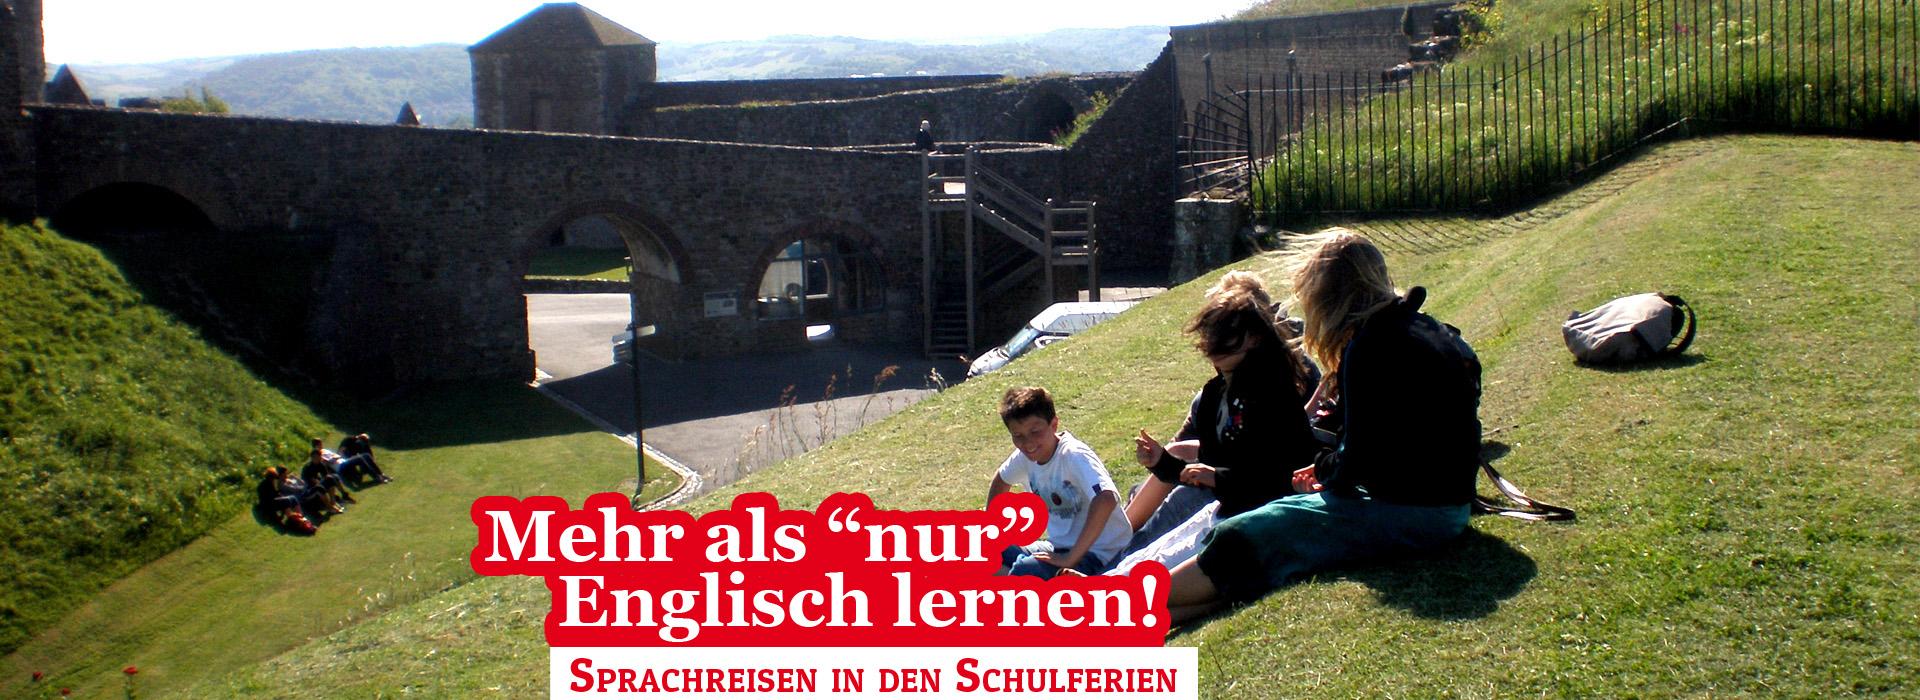 Die Sprachreisen vom Jugendwerk der AWO Württemberg finden in den Schulferien statt